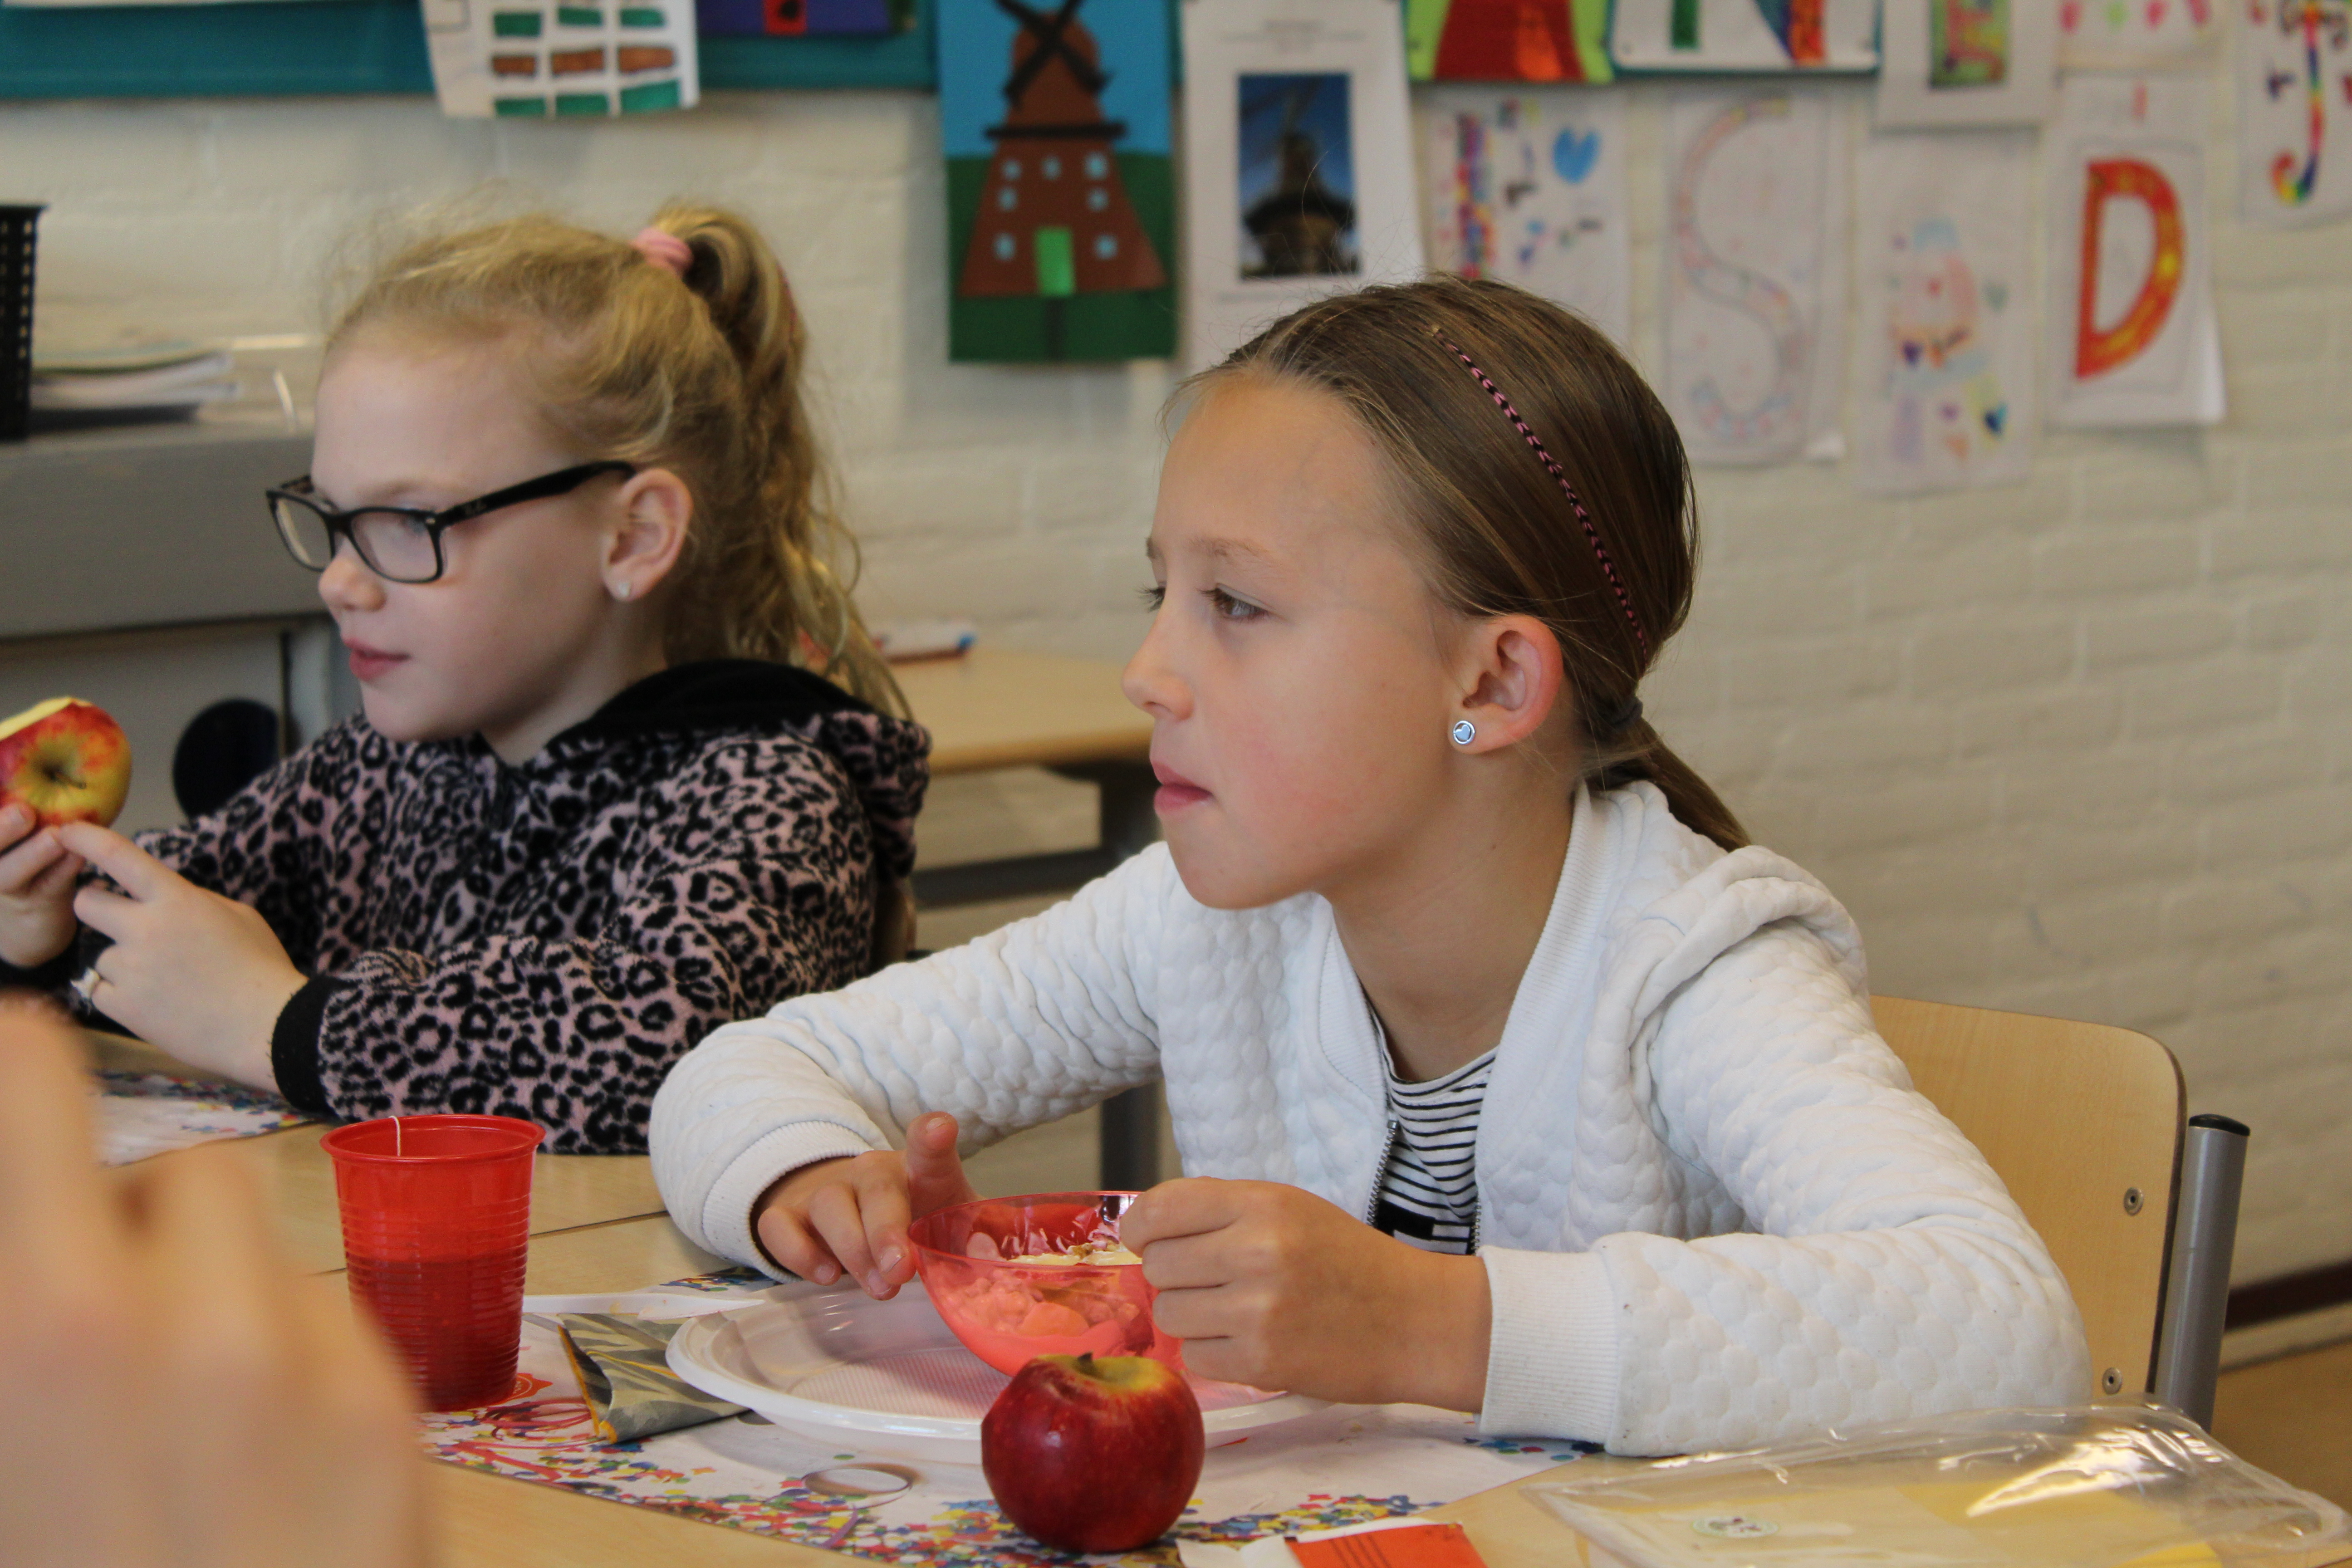 Tim en Lieke vinden het gezellig om samen met hun klasgenootjes te ontbijten. (Foto's: Rodi Media/AO) rodi.nl © rodi